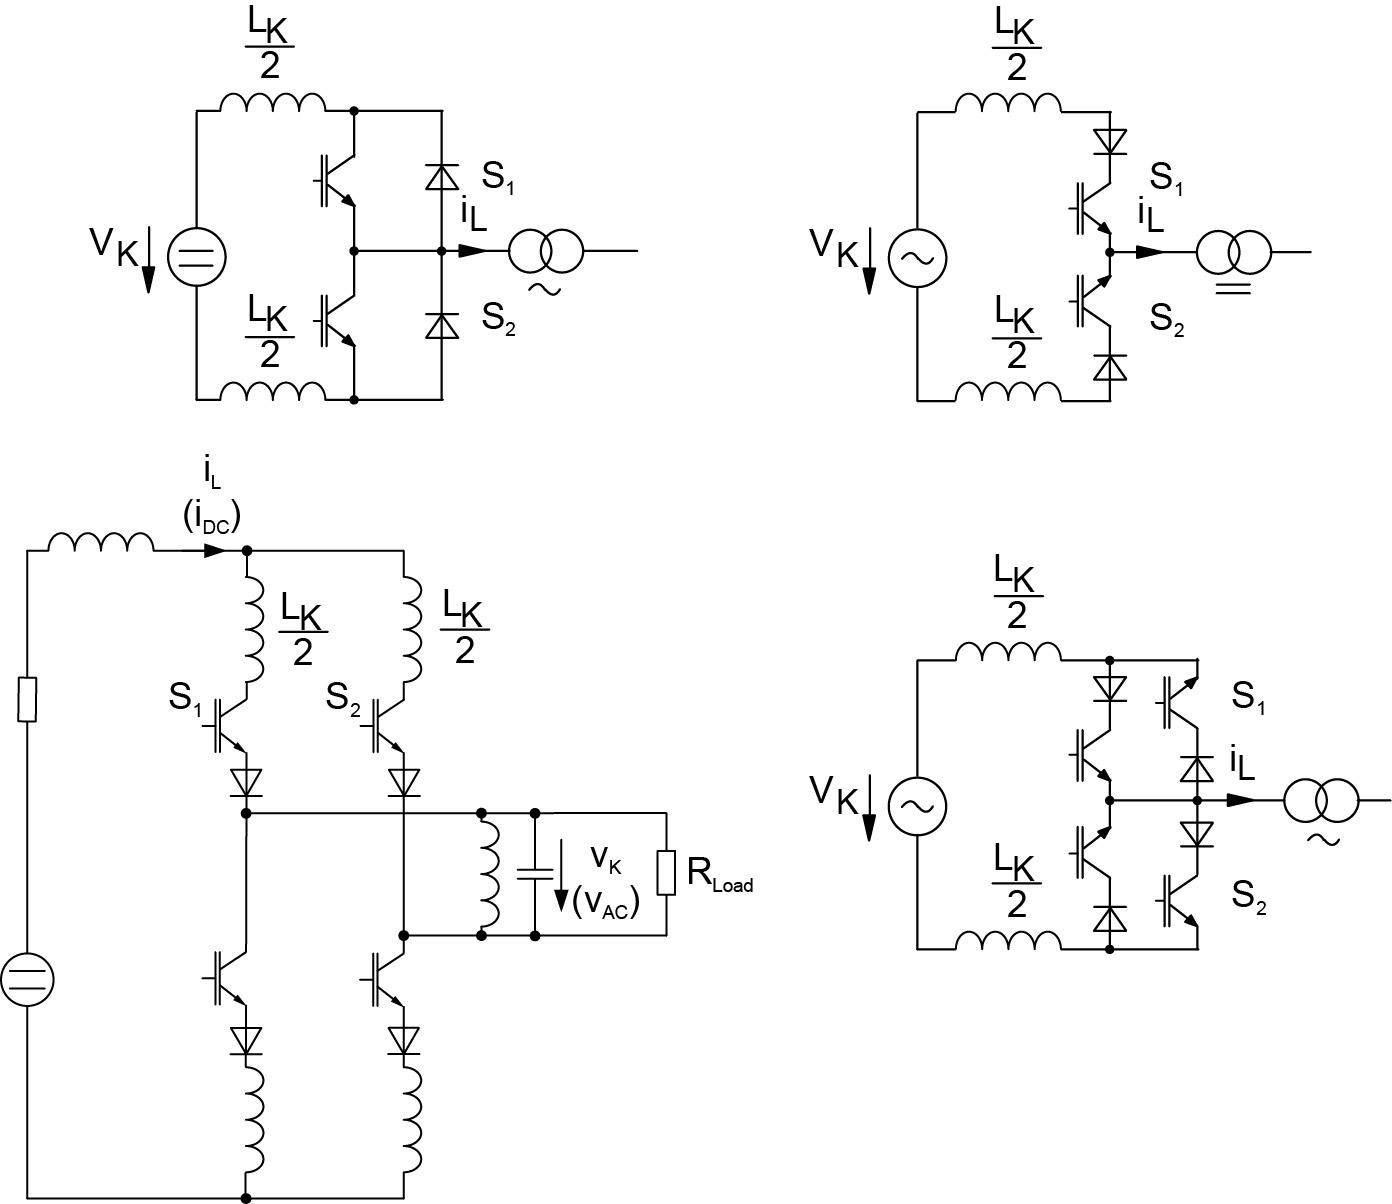 Примеры схем с ZСS-коммутацией, конвертер с последовательным резонансом